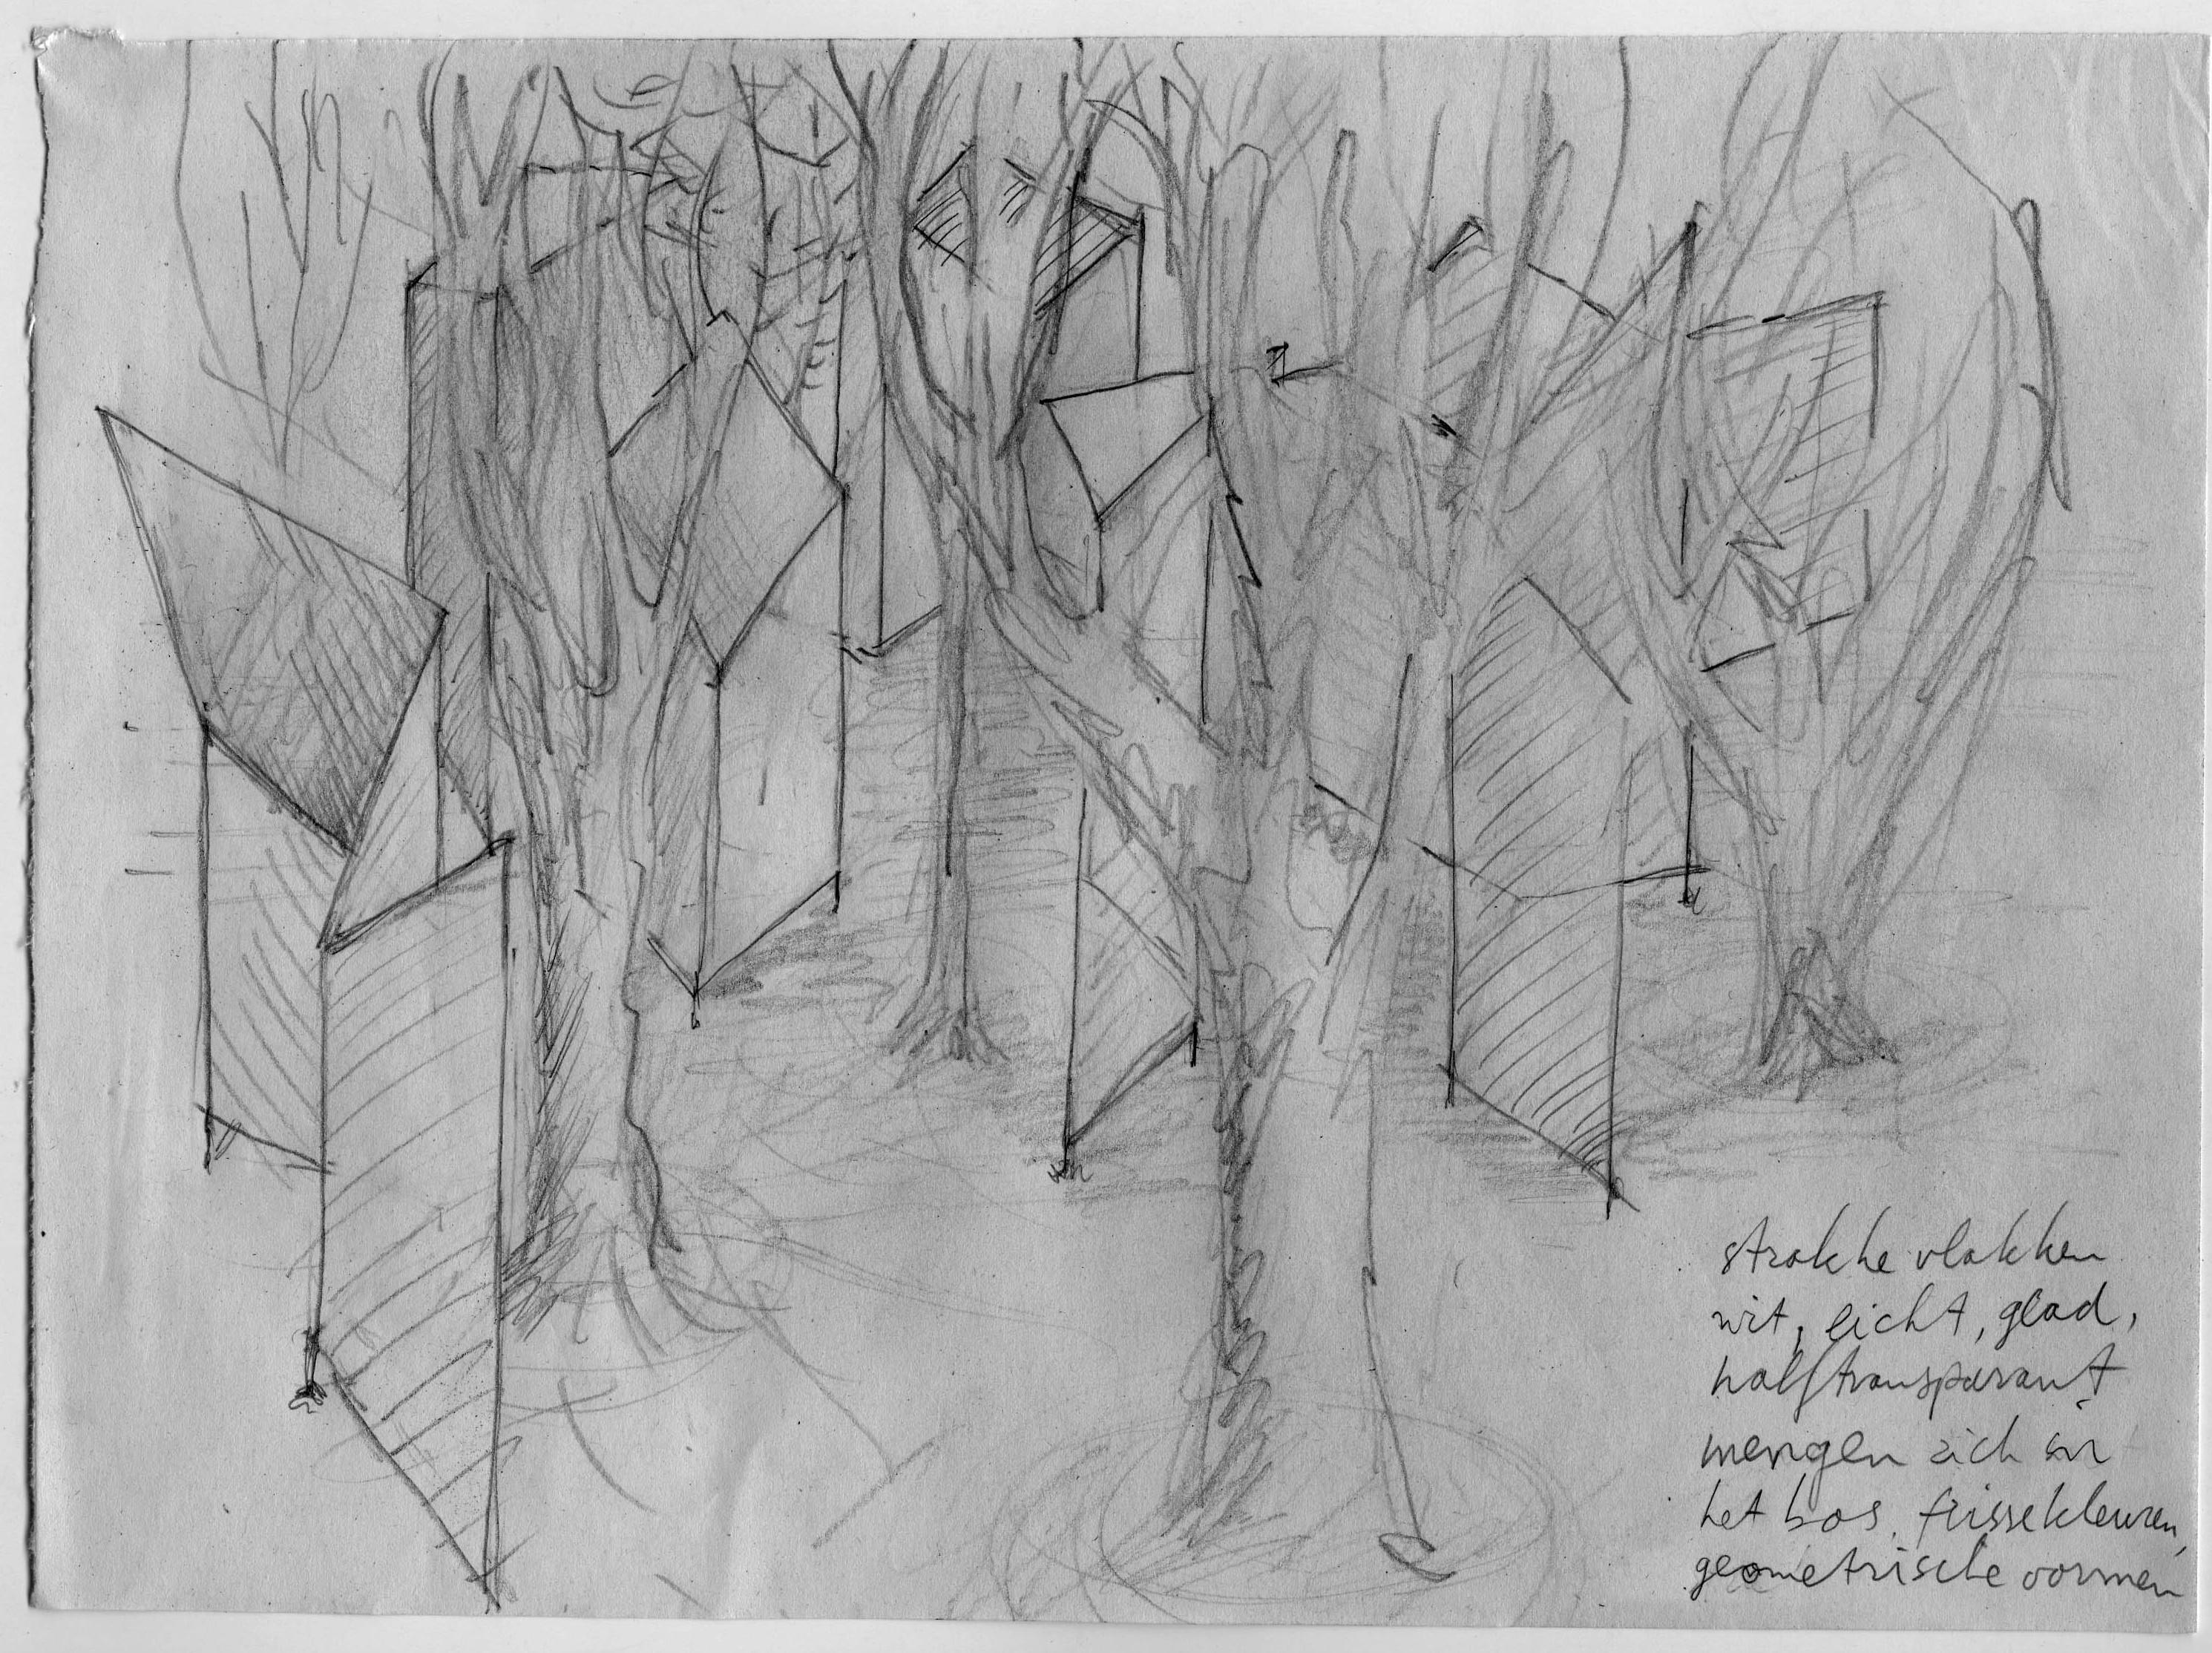 Frames: Een verzameling hoekige bouwsels, ieder drie à vier meter hoog en breed, is tussen de bomen opgesteld, een gebouwd bos in een gegroeid bos. Sommige van de bouwsels zijn van wit gaasachtig materiaal waarop licht & video geprojecteerd worden; andere zijn bespannen met spiegelend folie dat de omgeving weerspiegelt of van één kant door laat zien. Er zijn ook 'dakvlakken', hoger tussen de bomen. Die trekken de aandacht van de bezoeker omhoog, naar het bladerdak, de hemel erboven, de vogels en de laag overkomende vliegtuigen.  Het contrast van de kunstmatige en natuurlijke vormen, samen met de videoprojecties, zorgt voor verrassende effecten.